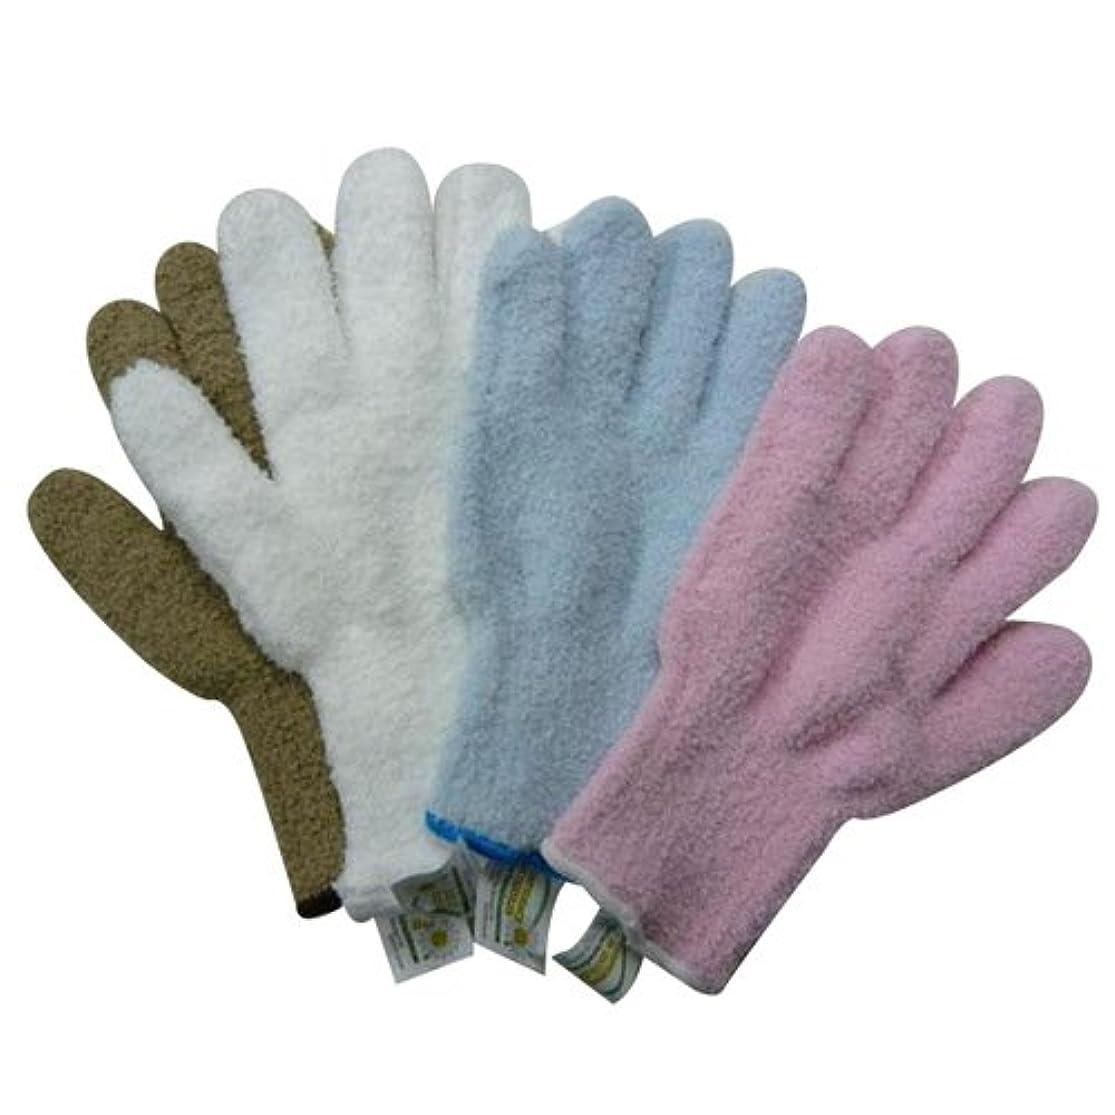 極めて重要な密独占ウルトラ?マイクロファイバー手袋 エコテックスタグ付き×4色セット(KE702-WH?SB?BE?PK) 5007an